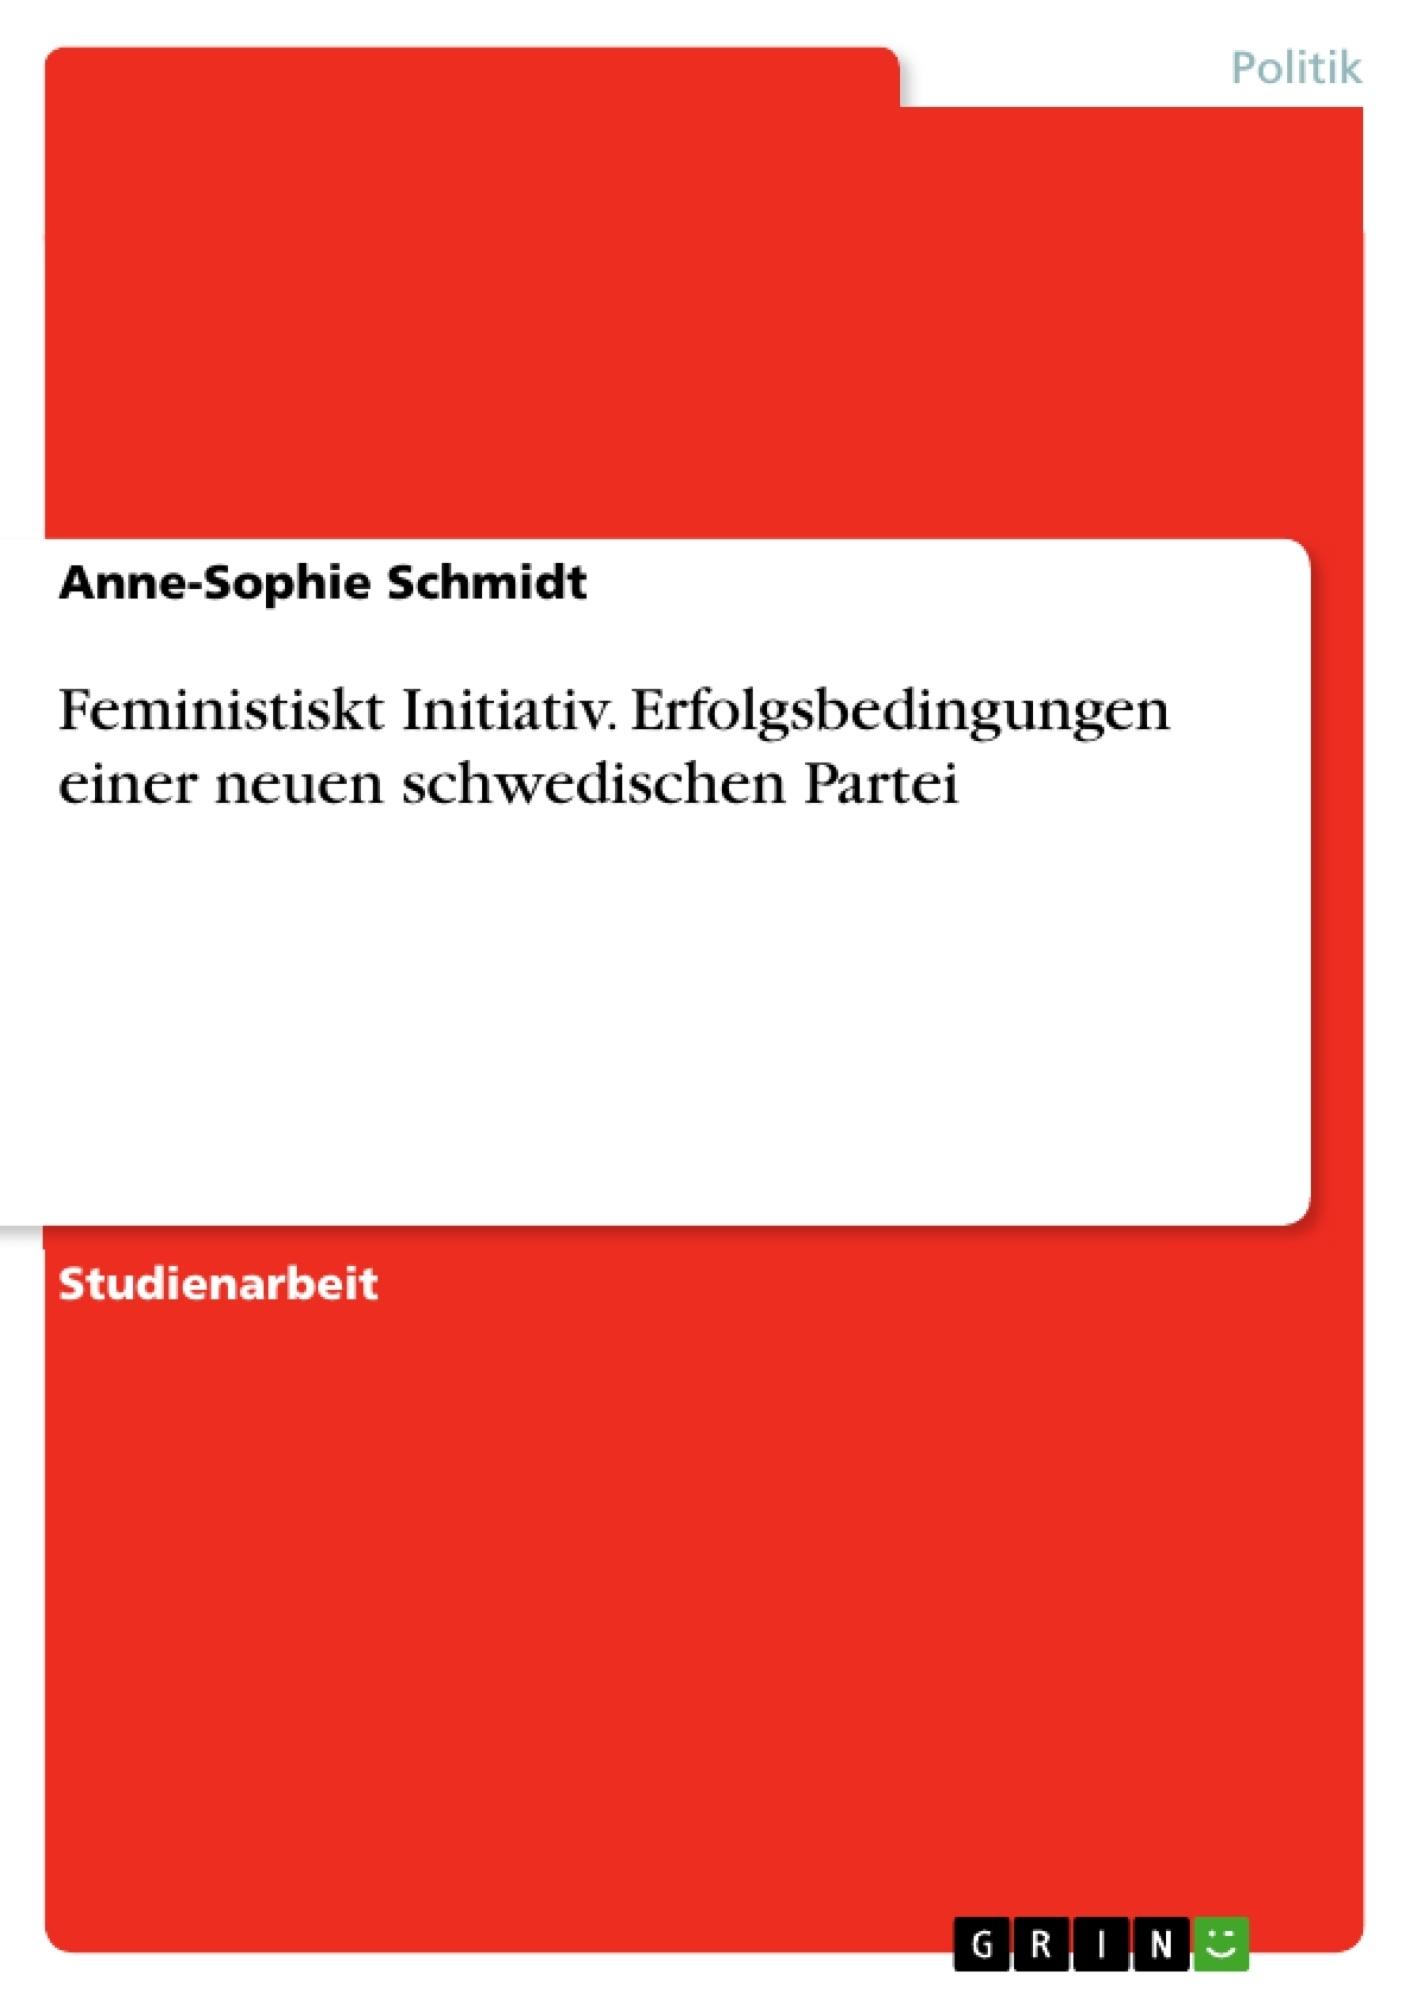 Titel: Feministiskt Initiativ. Erfolgsbedingungen einer neuen schwedischen Partei